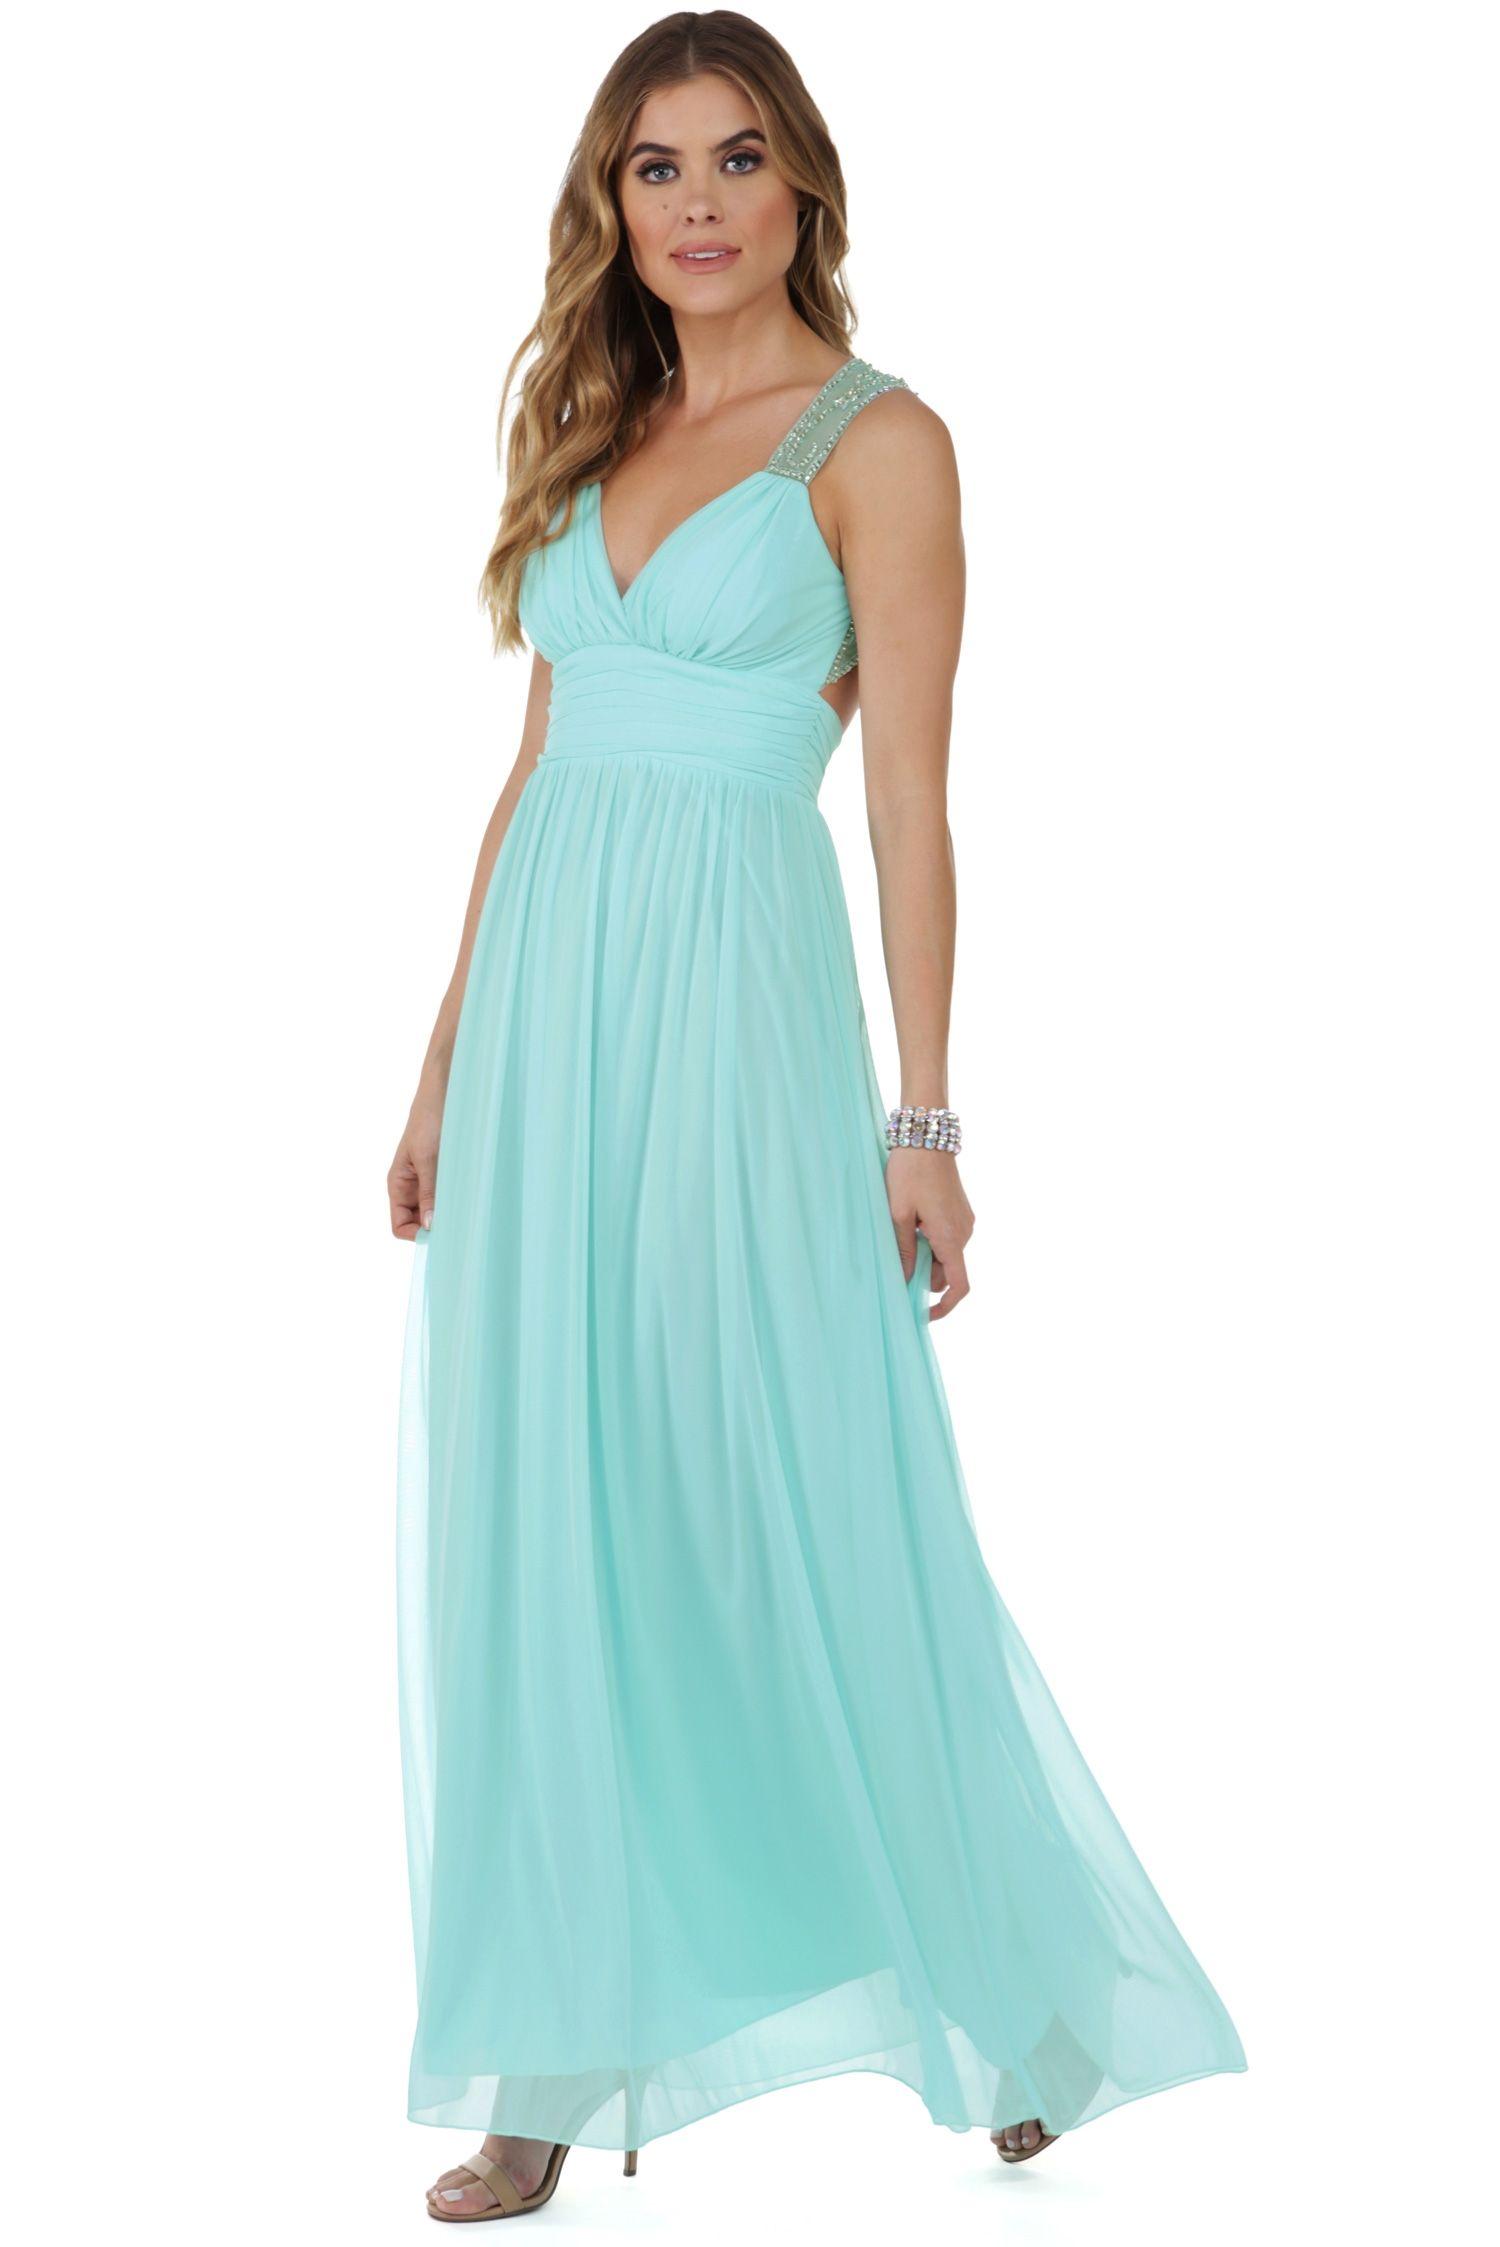 Kate Aqua Gem Formal Dress | Aqua, Gems and Formal